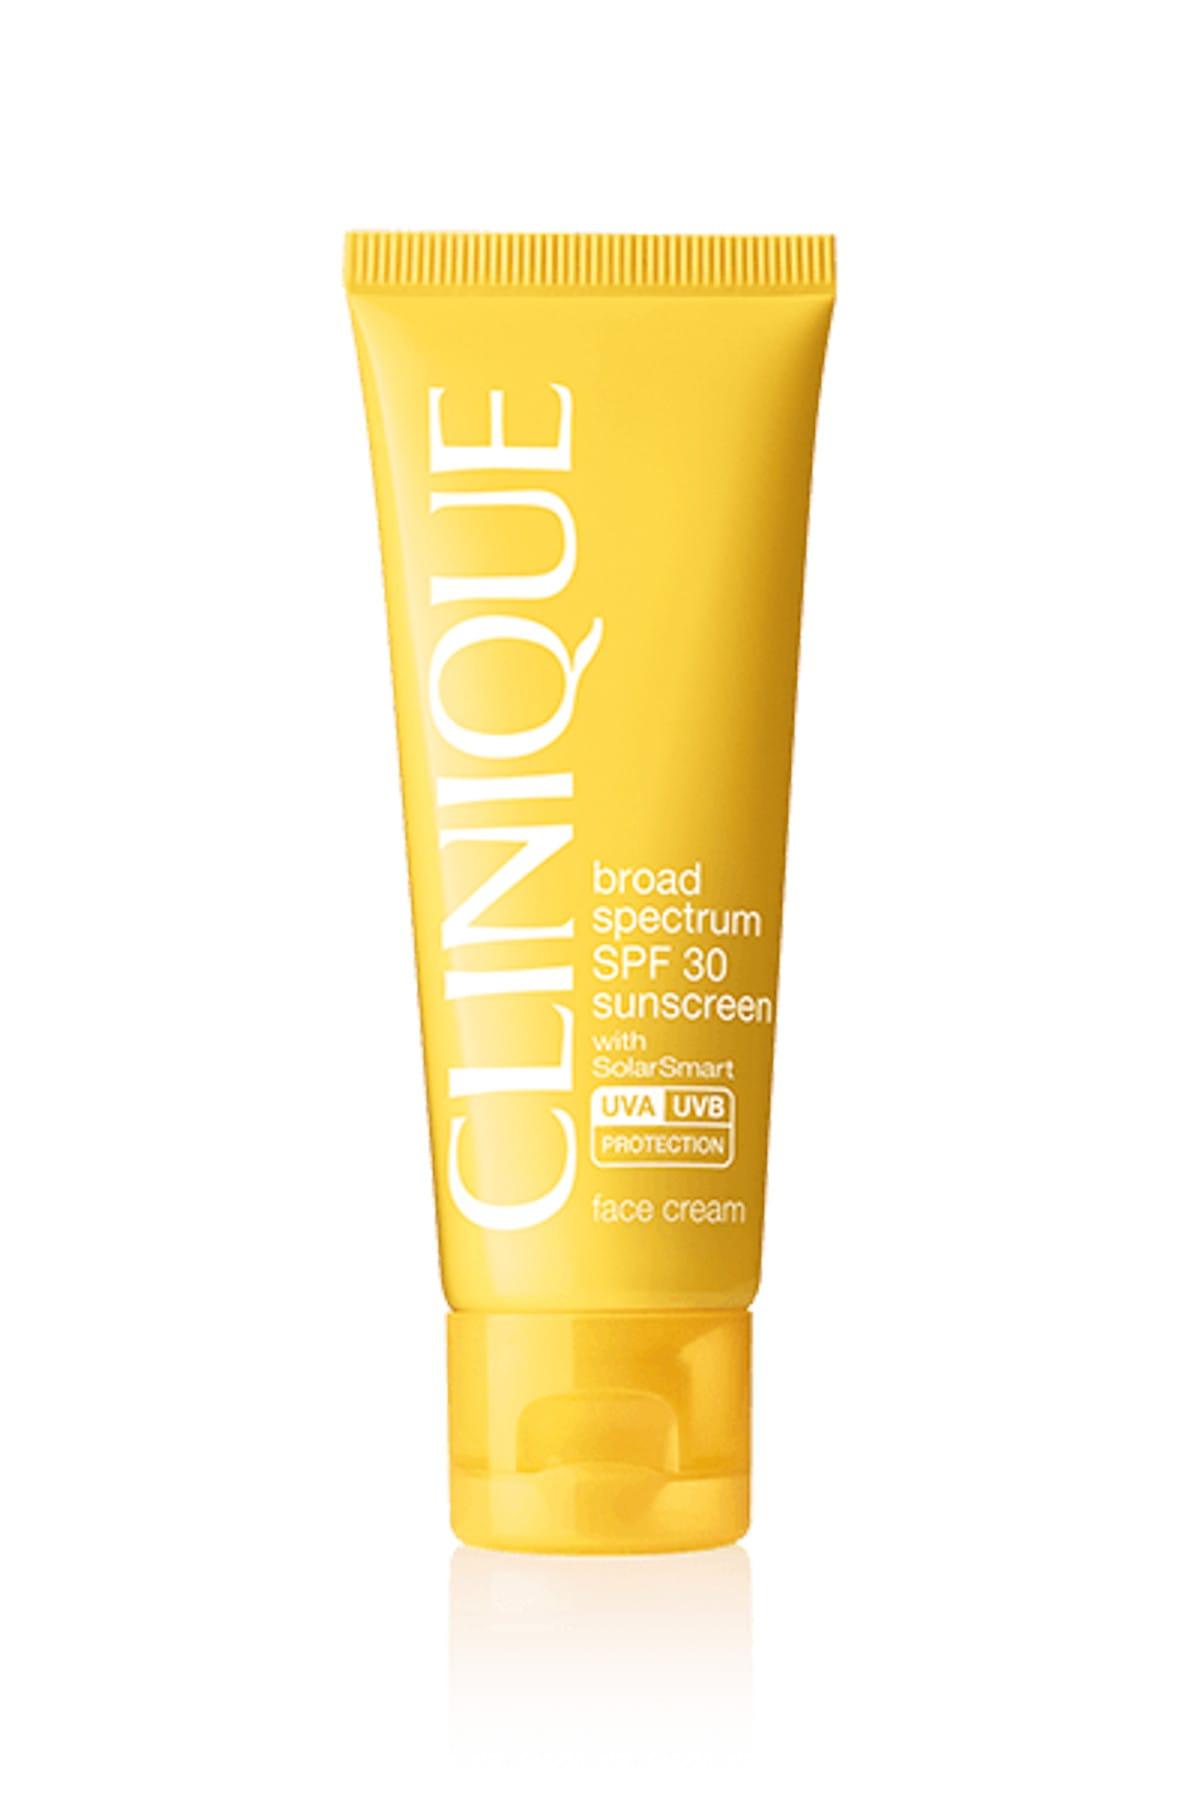 Clinique Güneş Koruyucu Yüz Kremi - Anti-Wrinkle Face Cream Spf 30 50 ml 020714817343 1